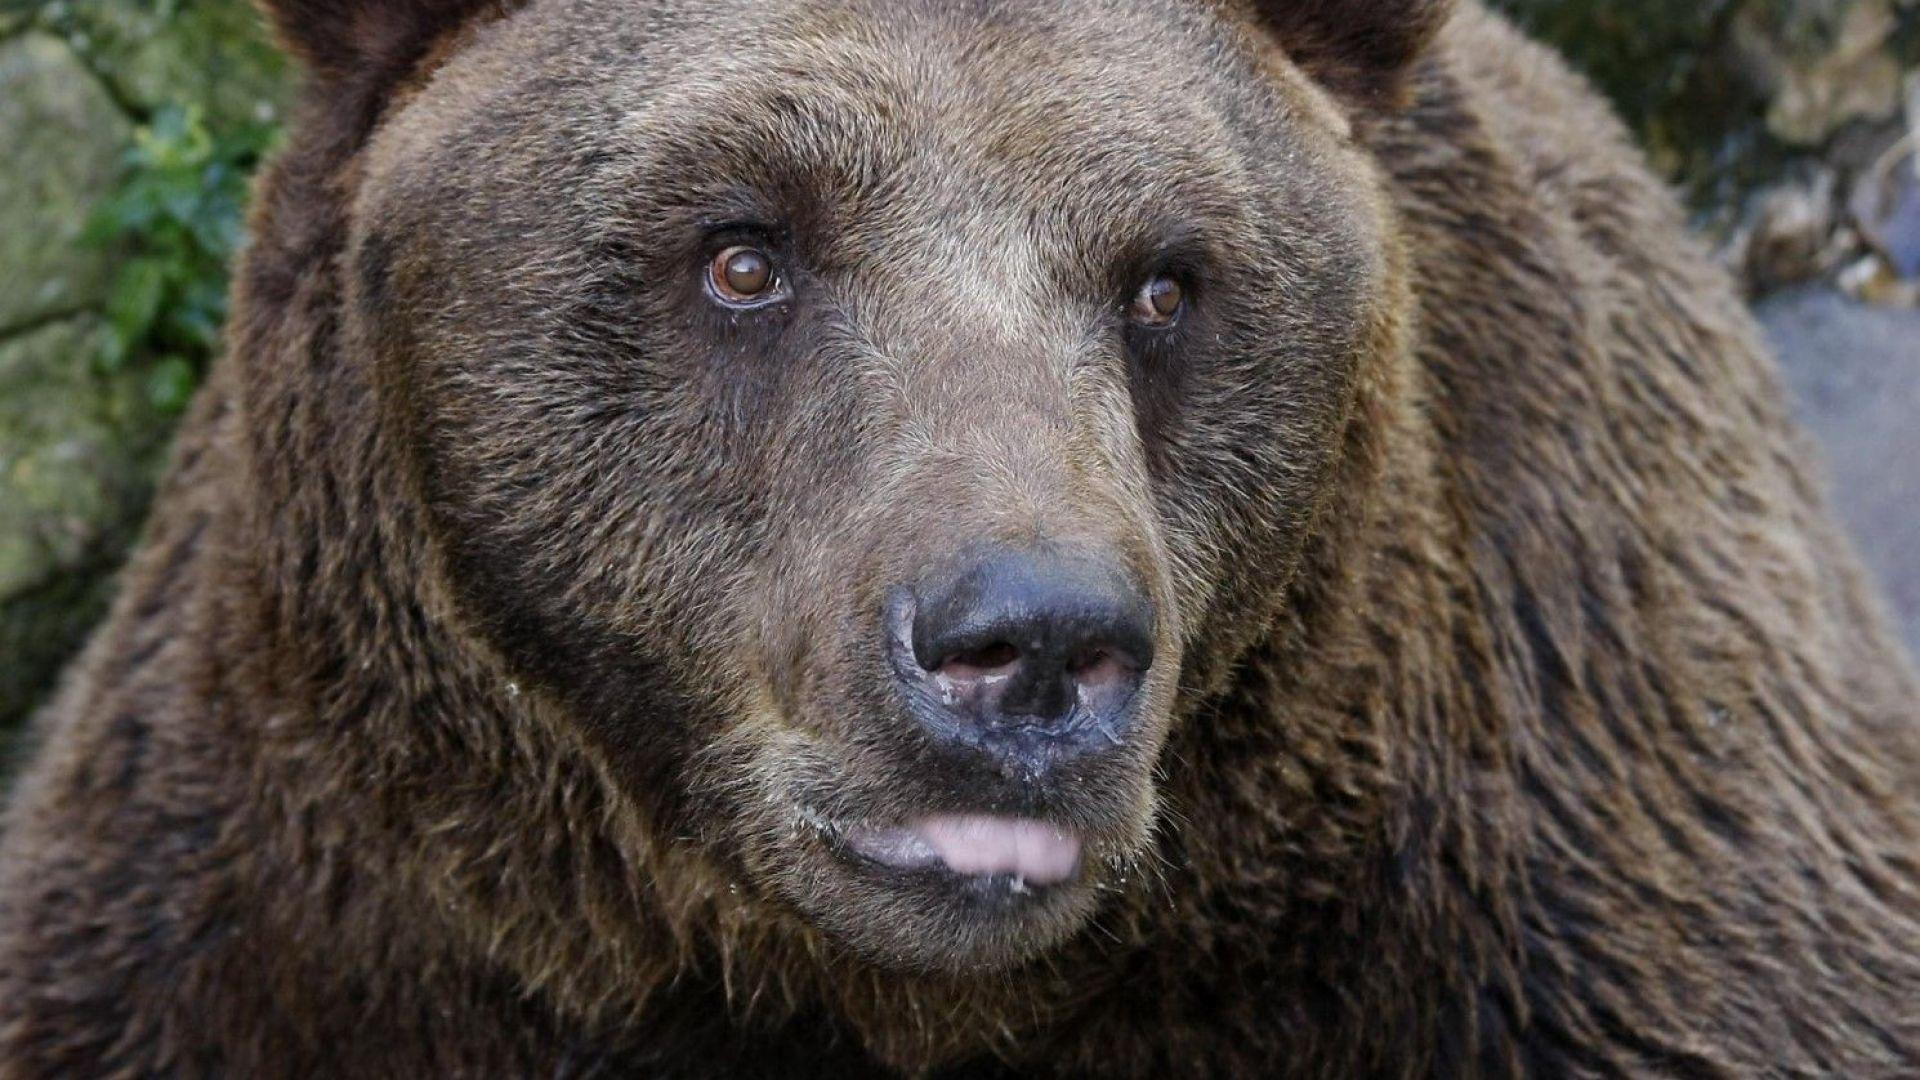 Кафява мечка беше спасена от бракониерски капан. Животното е било